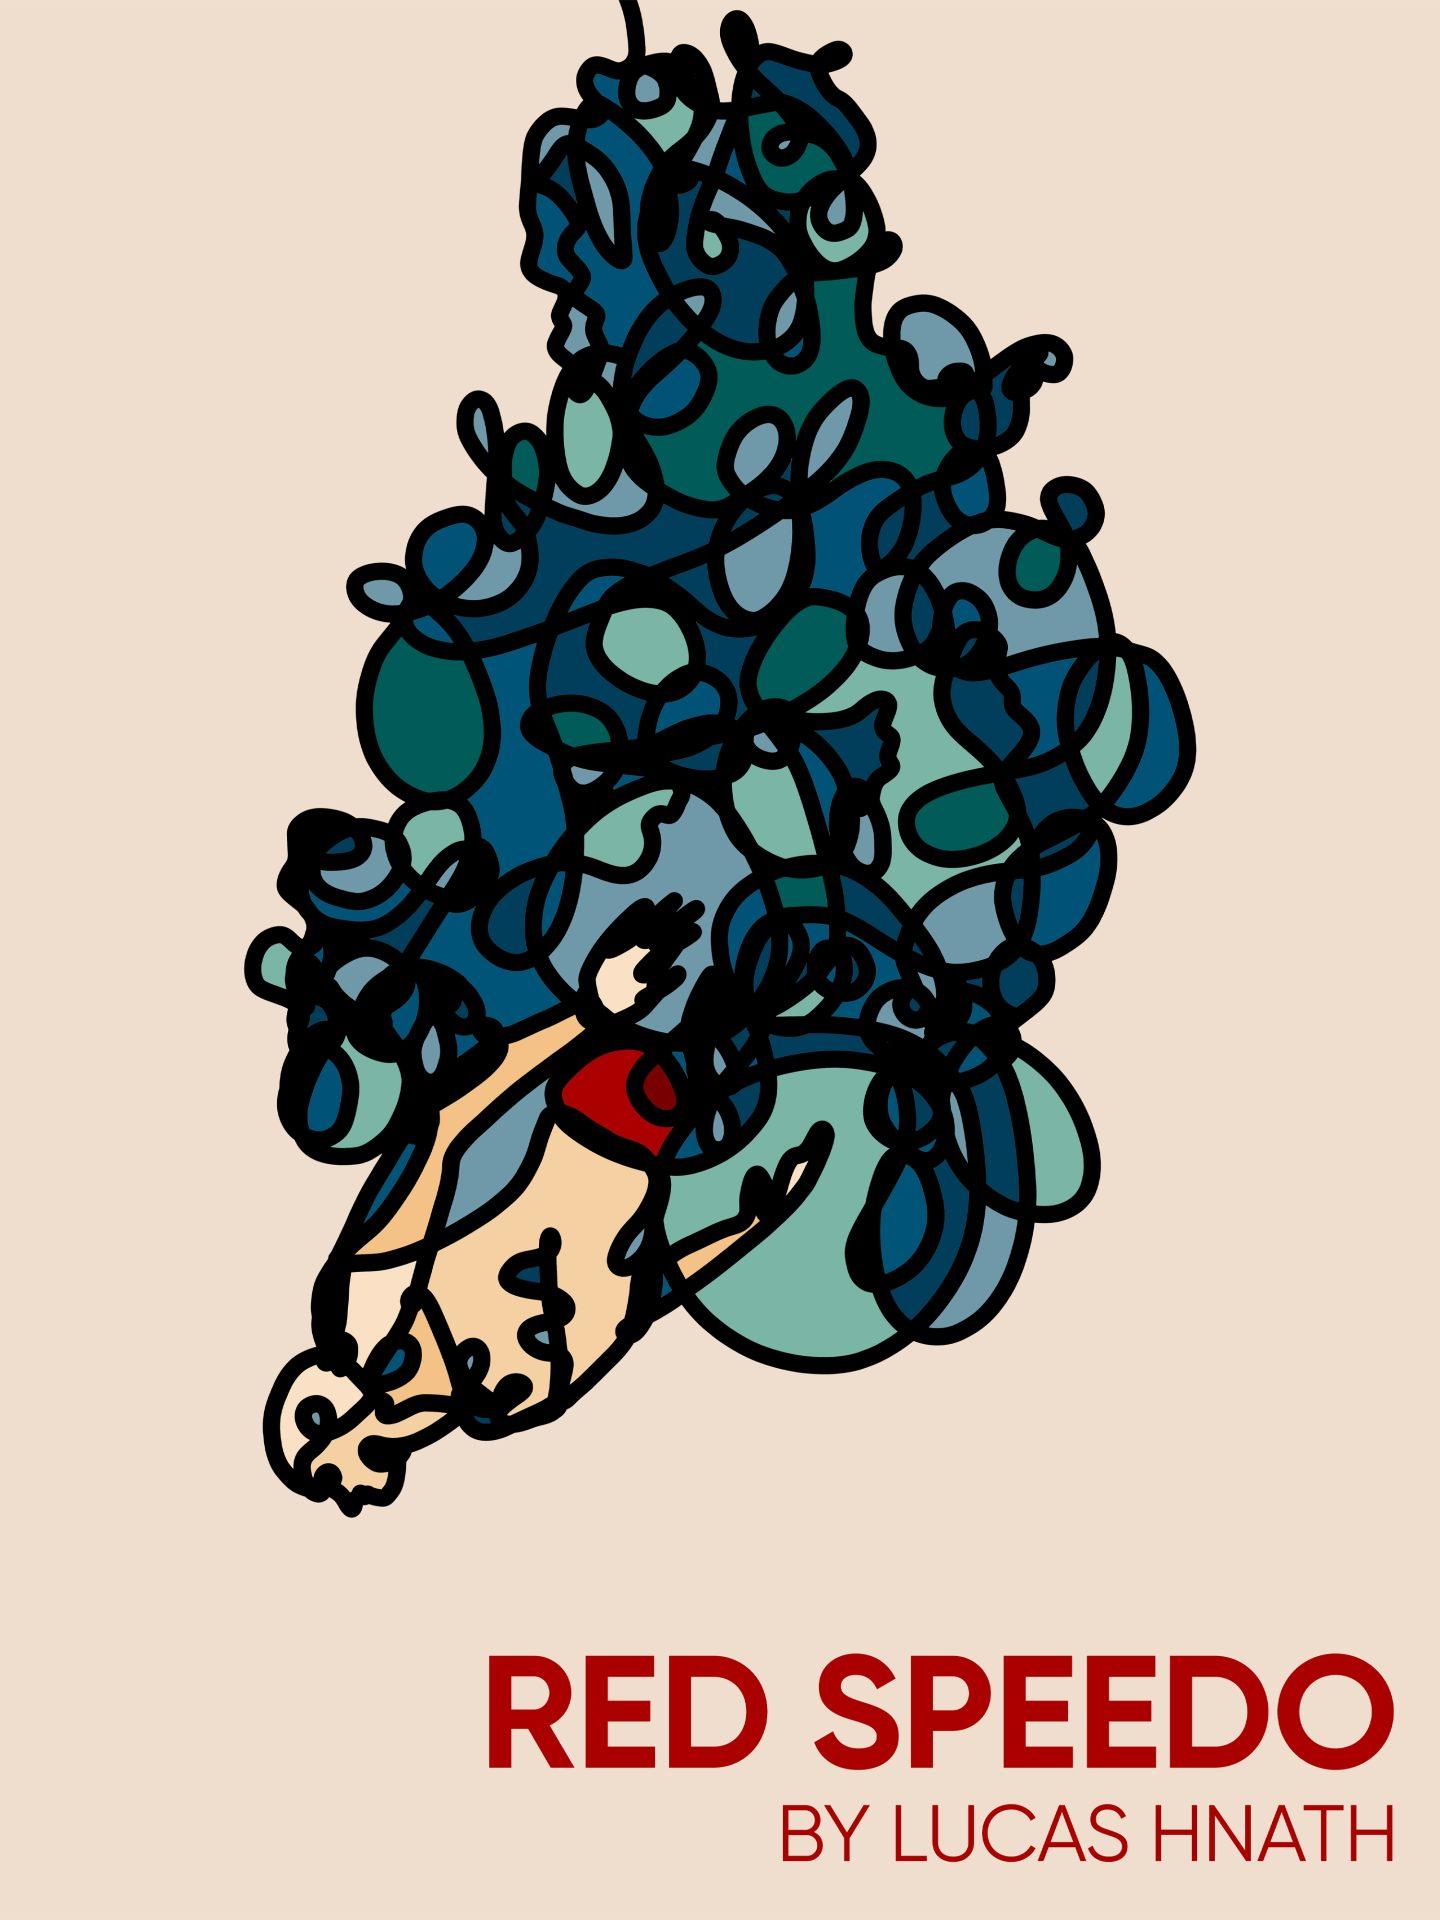 RedSpeedo